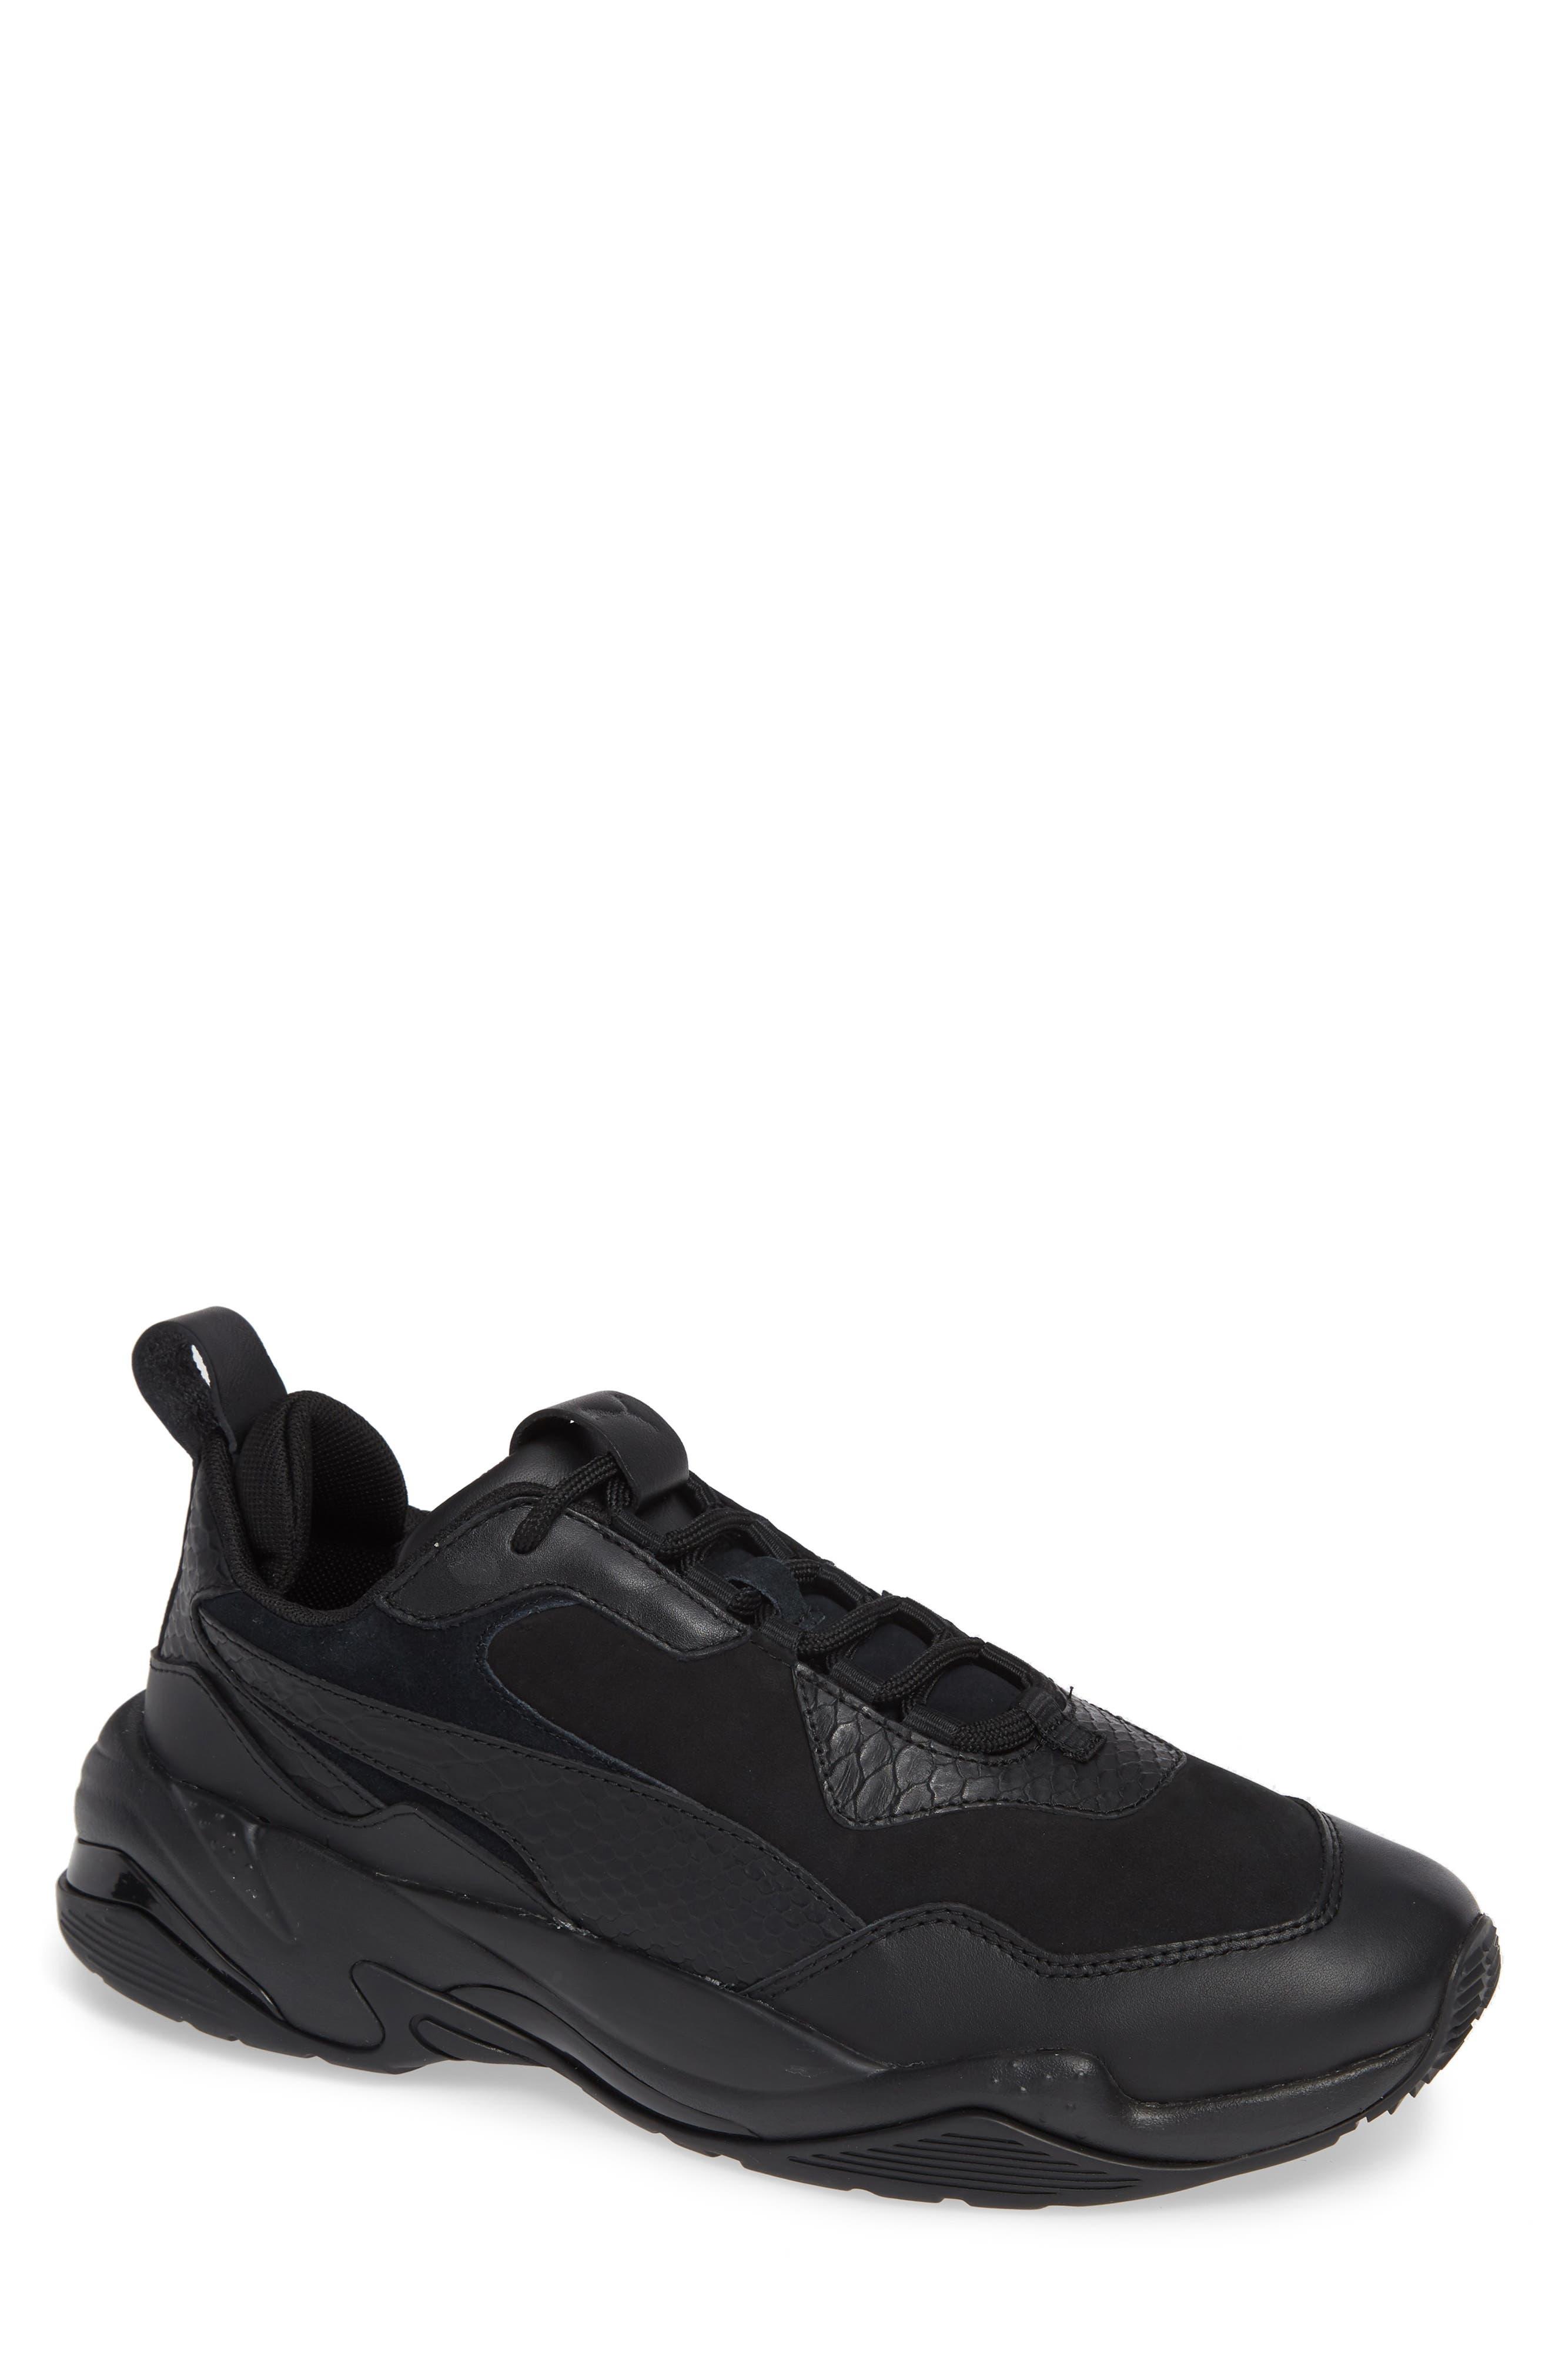 Thunder Desert Sneaker,                             Main thumbnail 1, color,                             BLACK/ BLACK